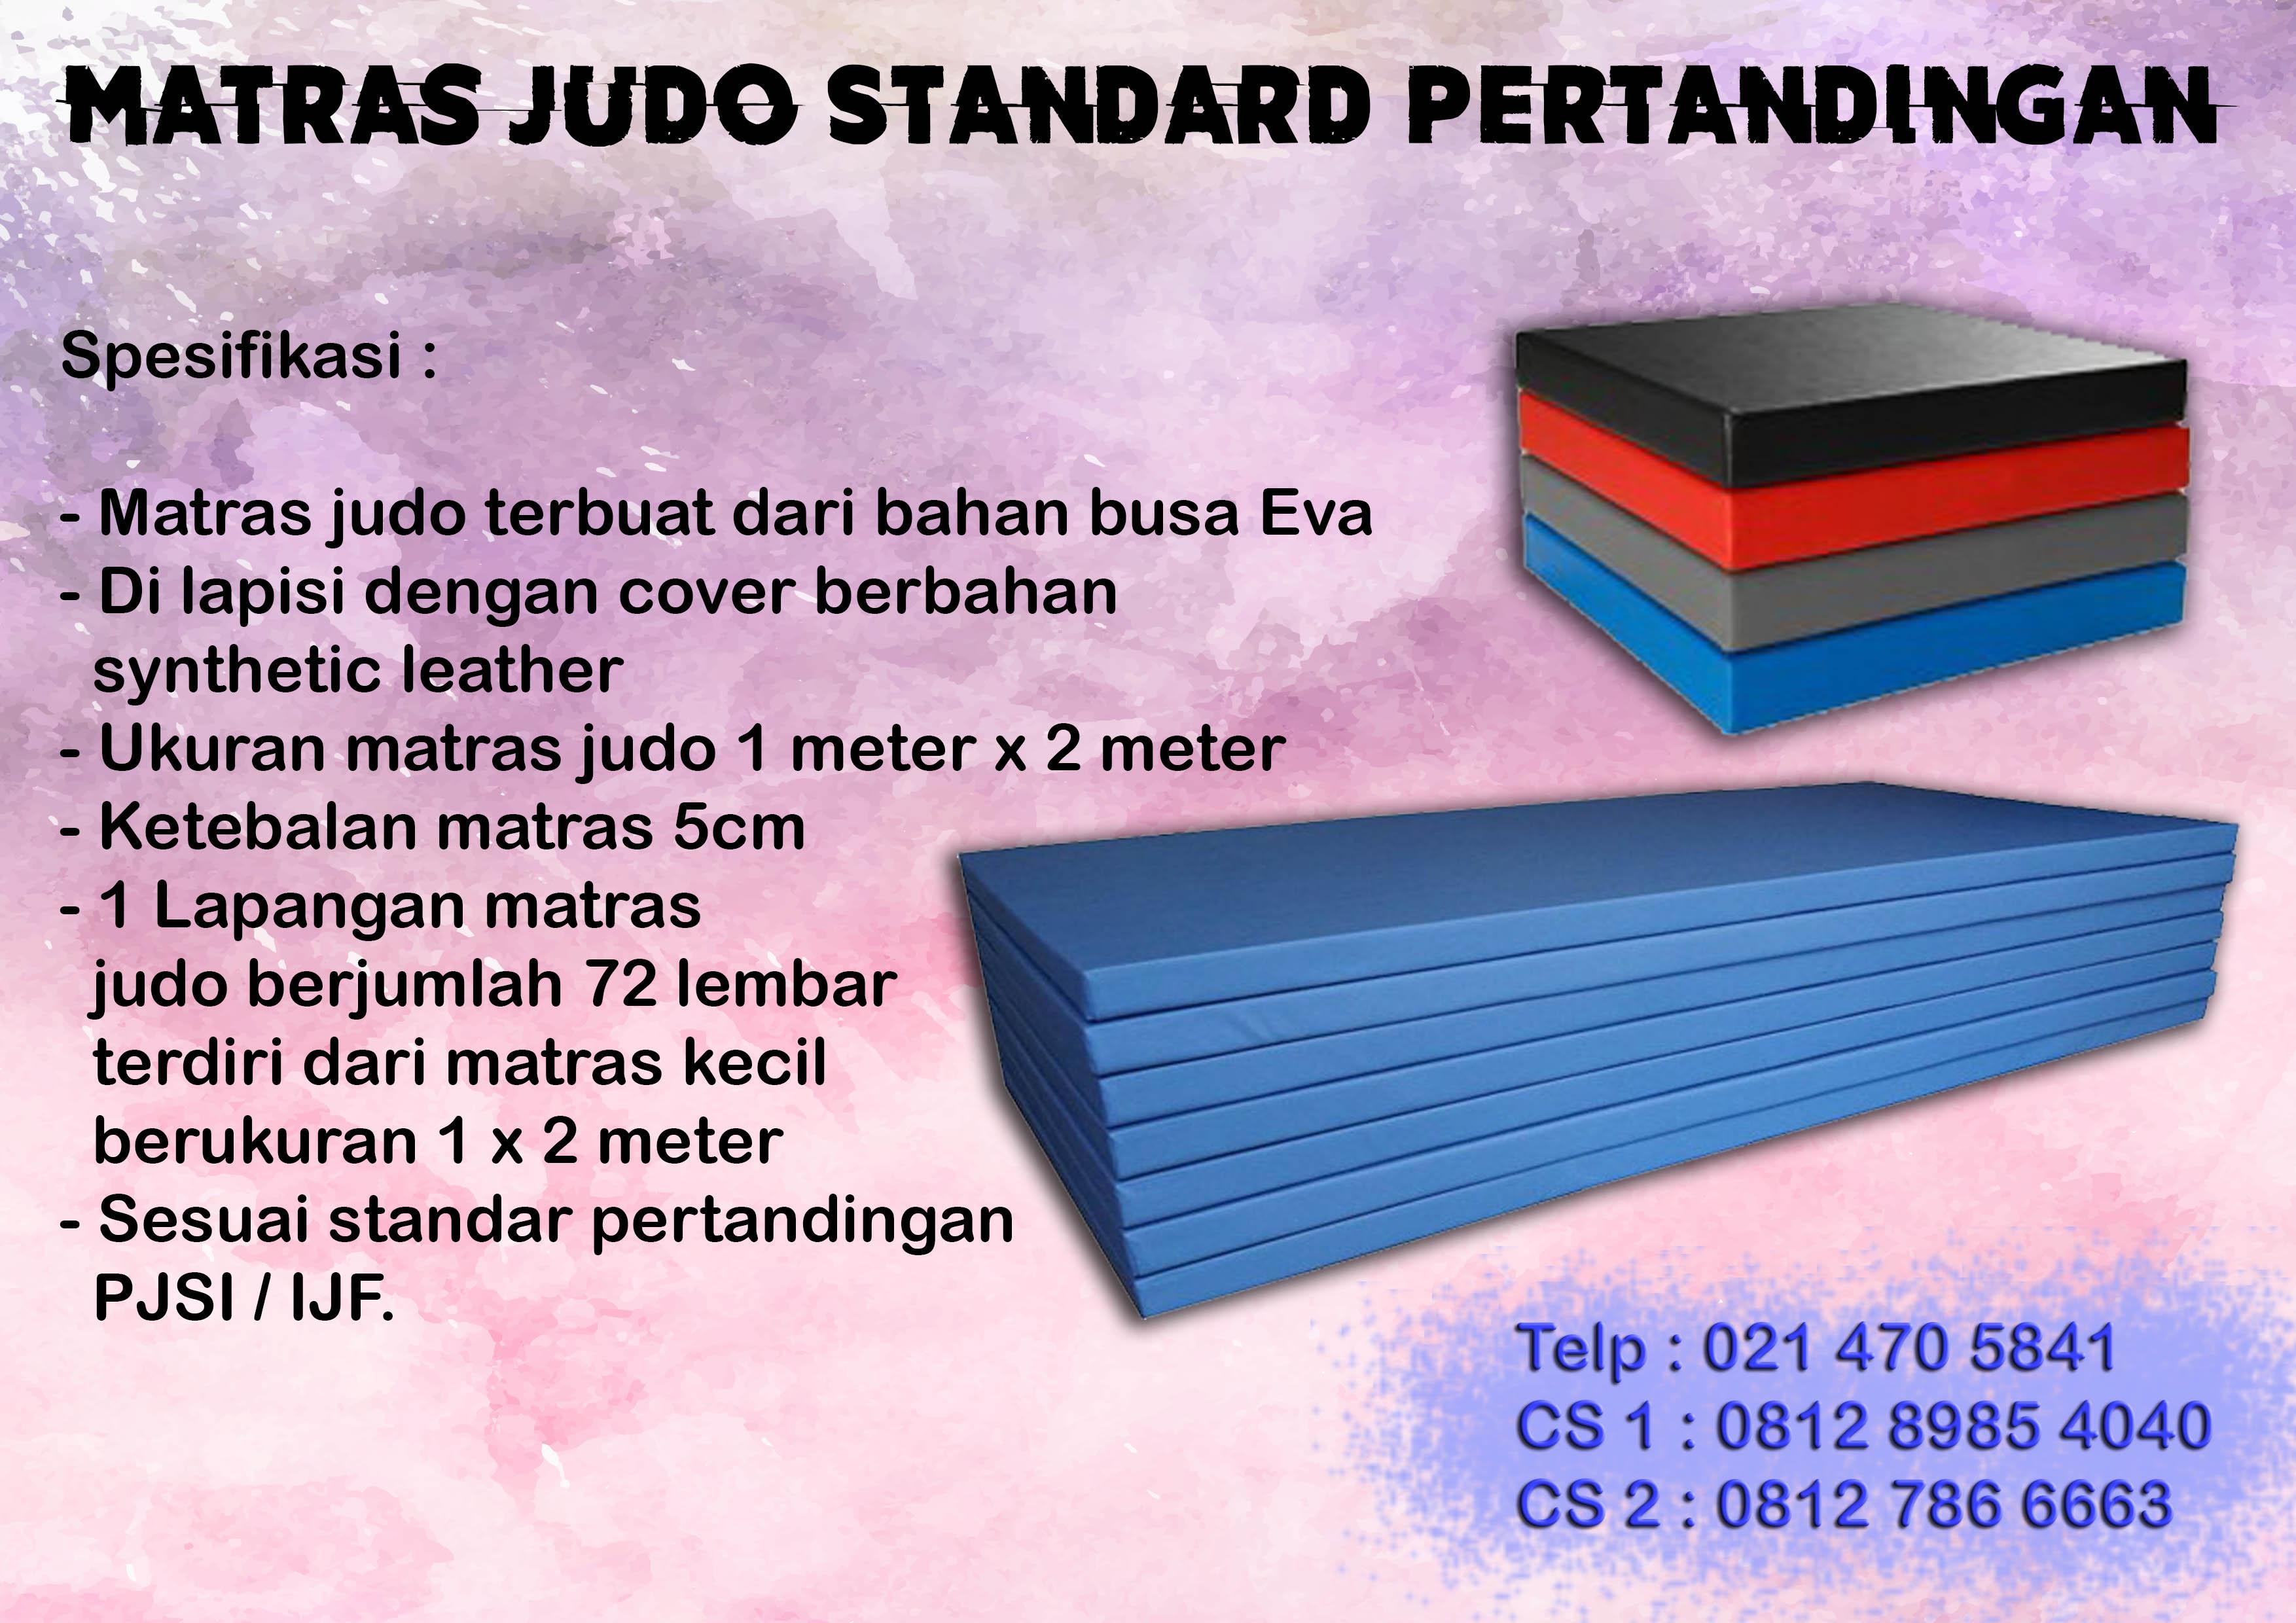 Matras judo standard kompetisi Produsen, Agen Perlengkapan Olahraga, beladiri, distributor, supplier, pusat, importir, Jakarta, Bandung, Bekasi, Bogor, Banten